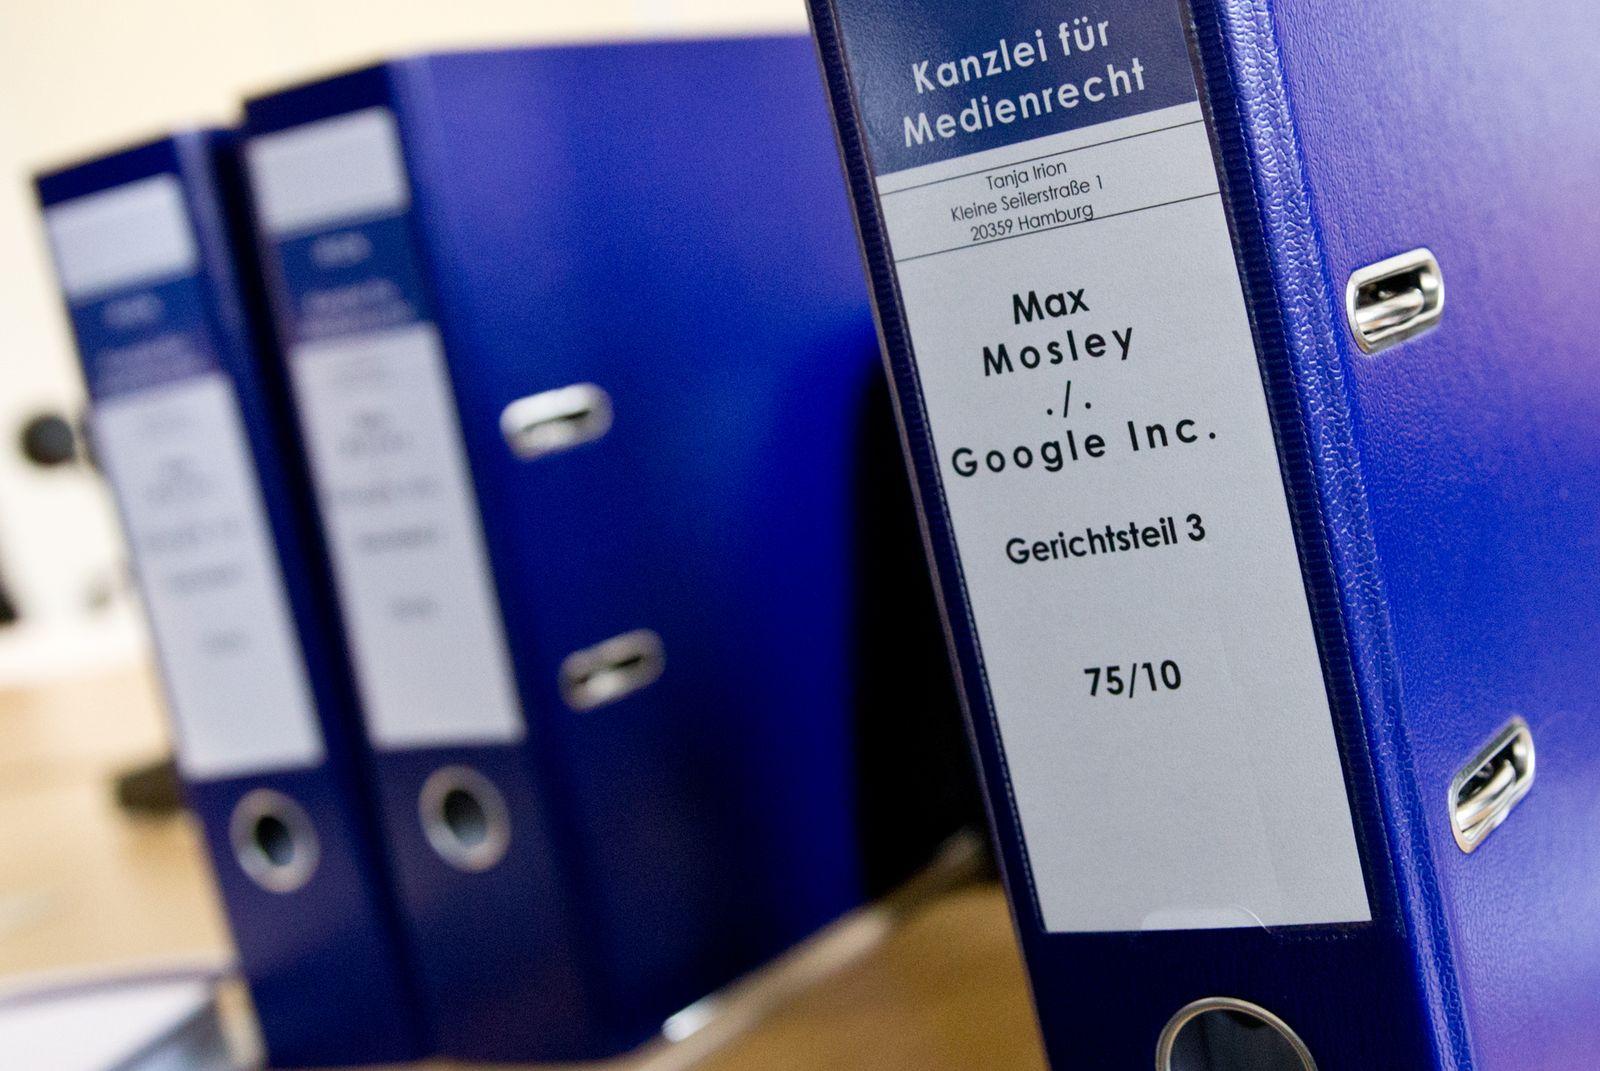 Mosley gegen Google